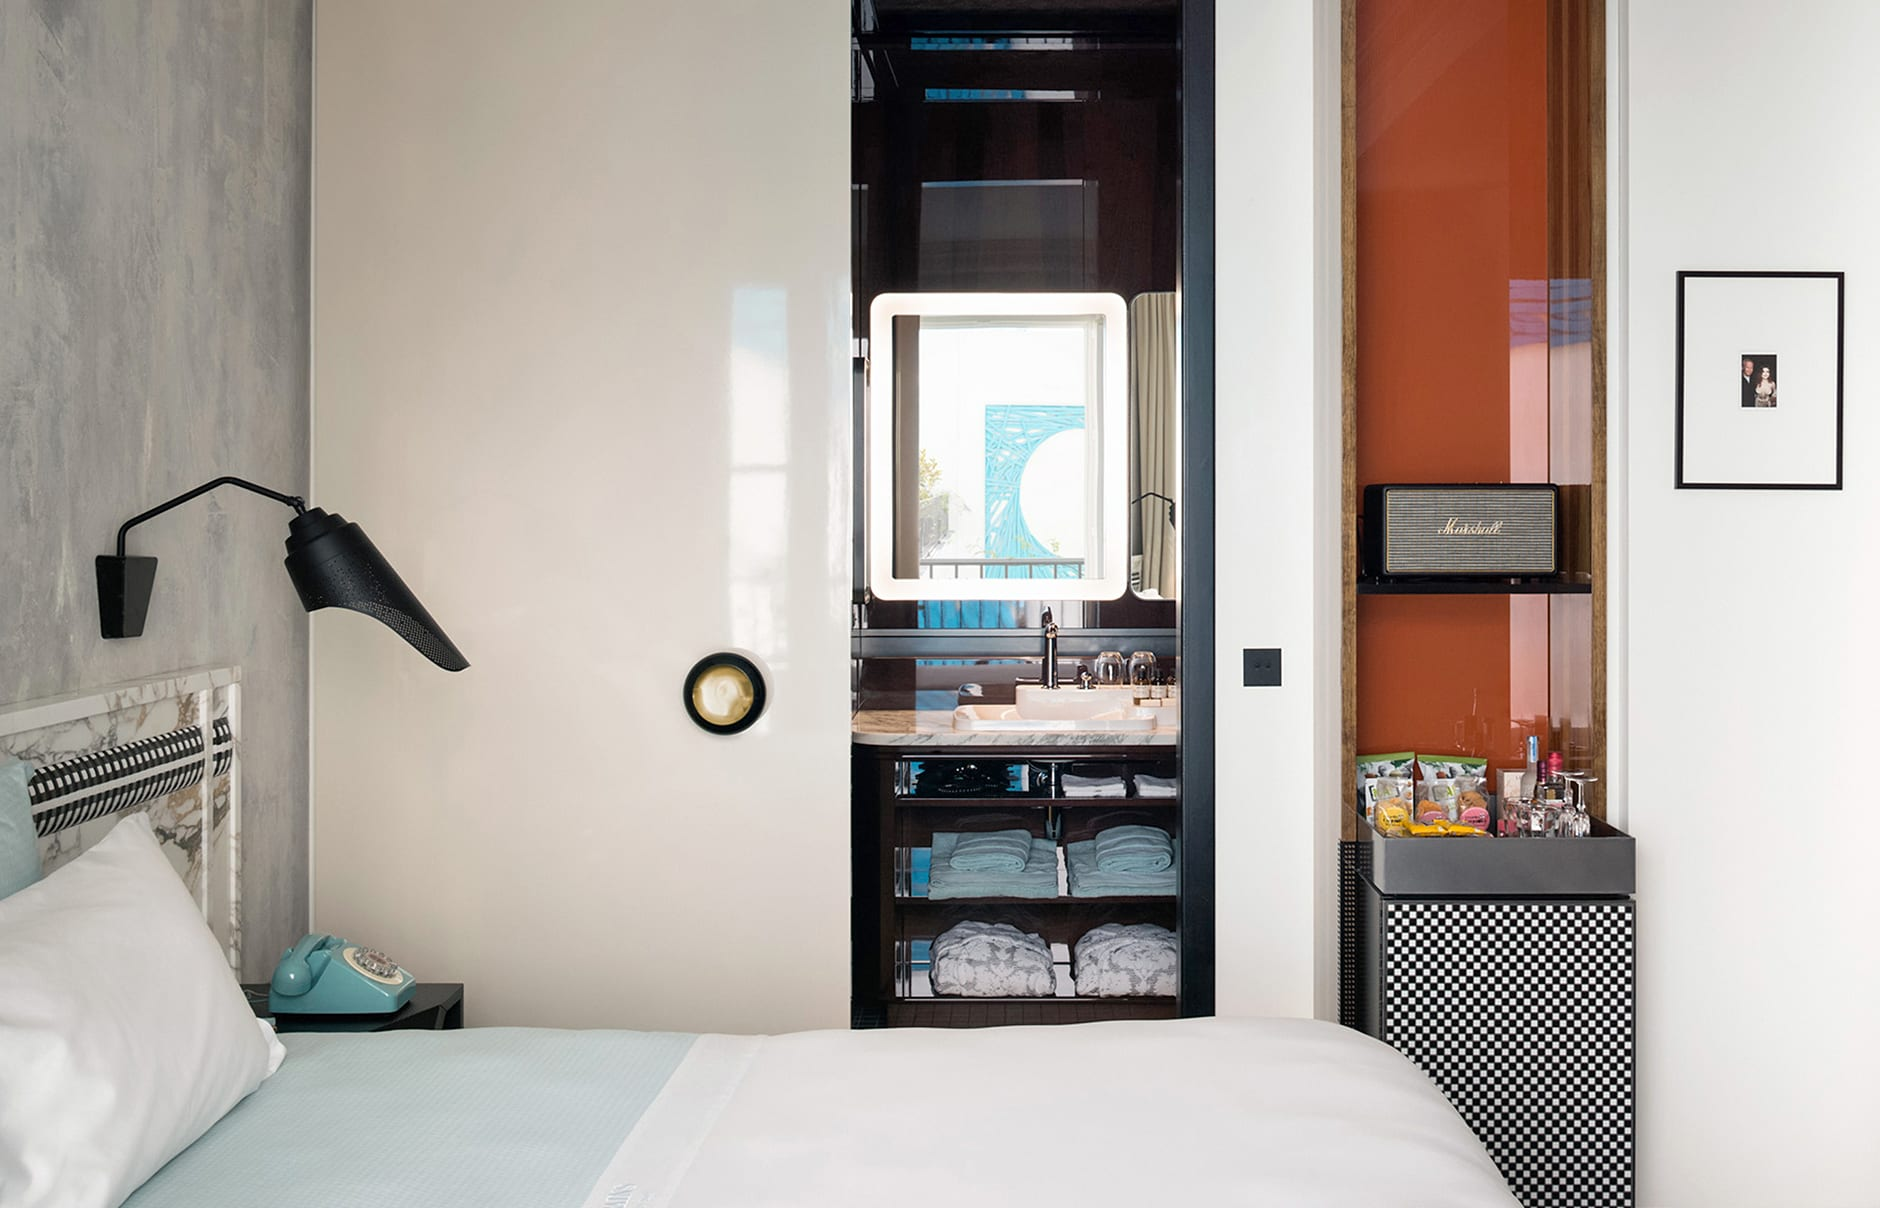 Les Bains Paris, France. Hotel Review by TravelPlusStyle. Photo © Société des Bains.